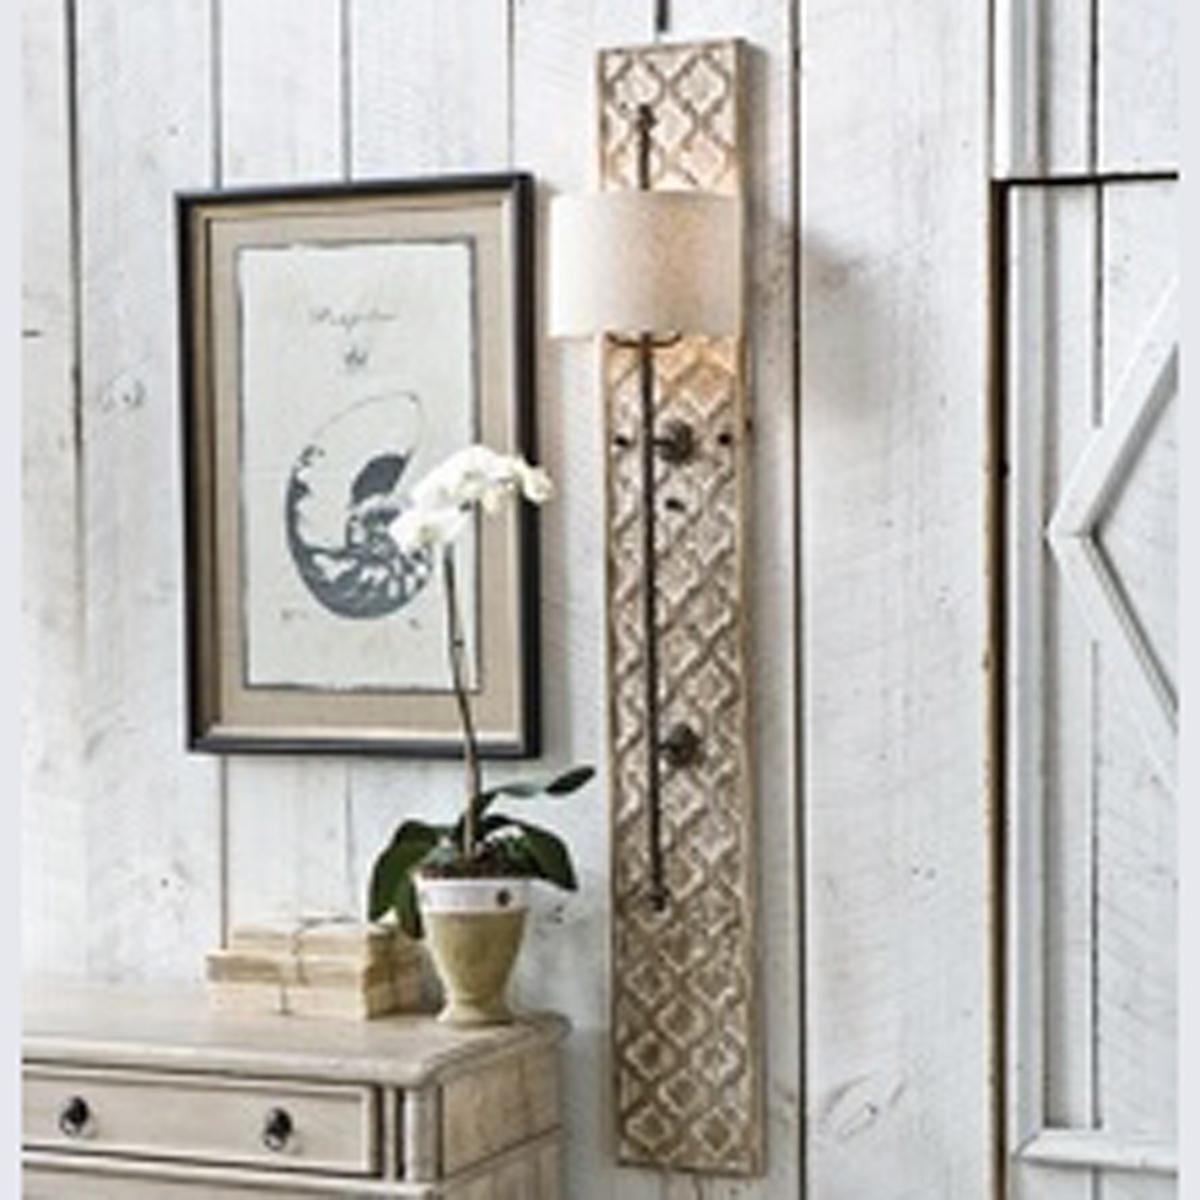 Quatrefoil Wooden Panel Sconce Sconces Beach House Furniture